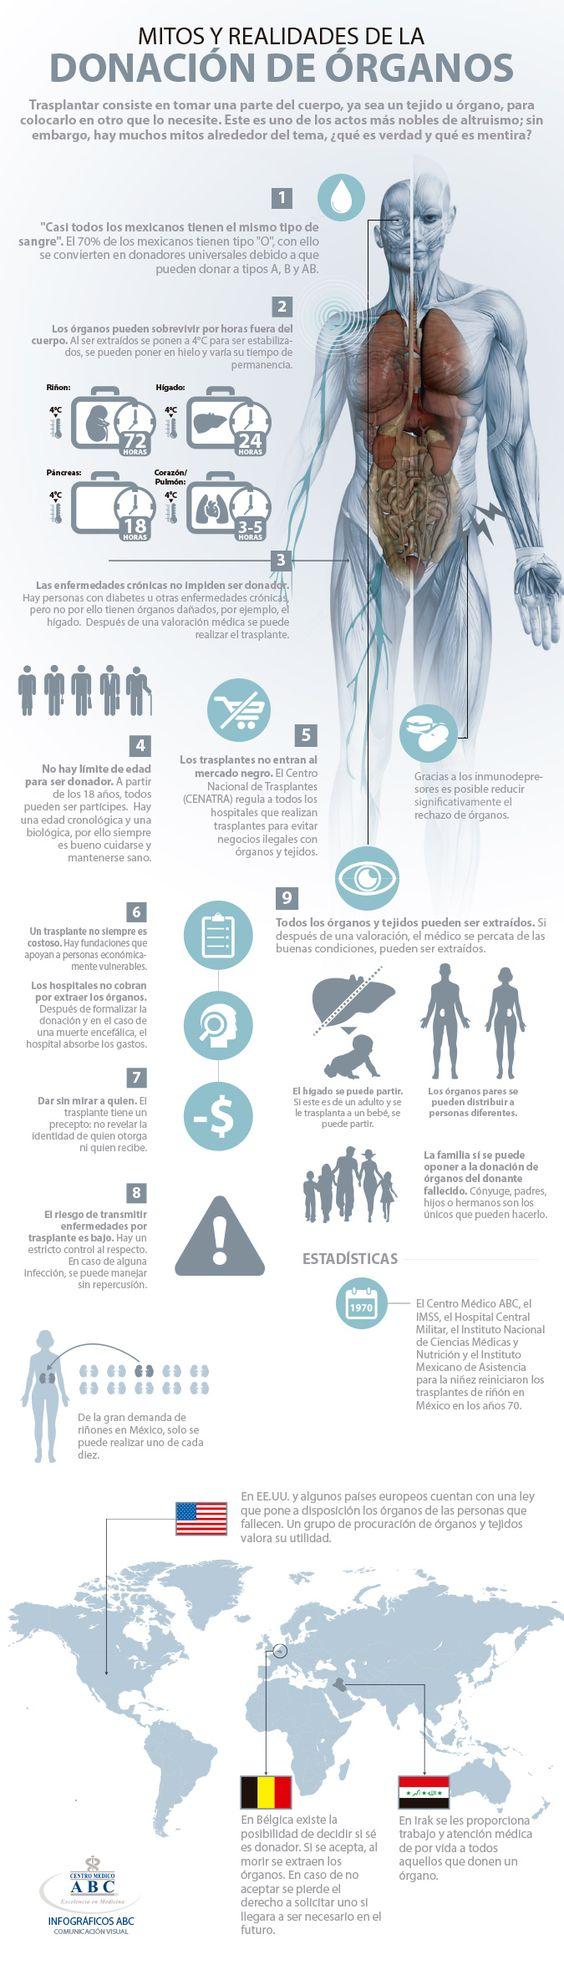 Respuestas sobre la donación de órganos que debes conocer